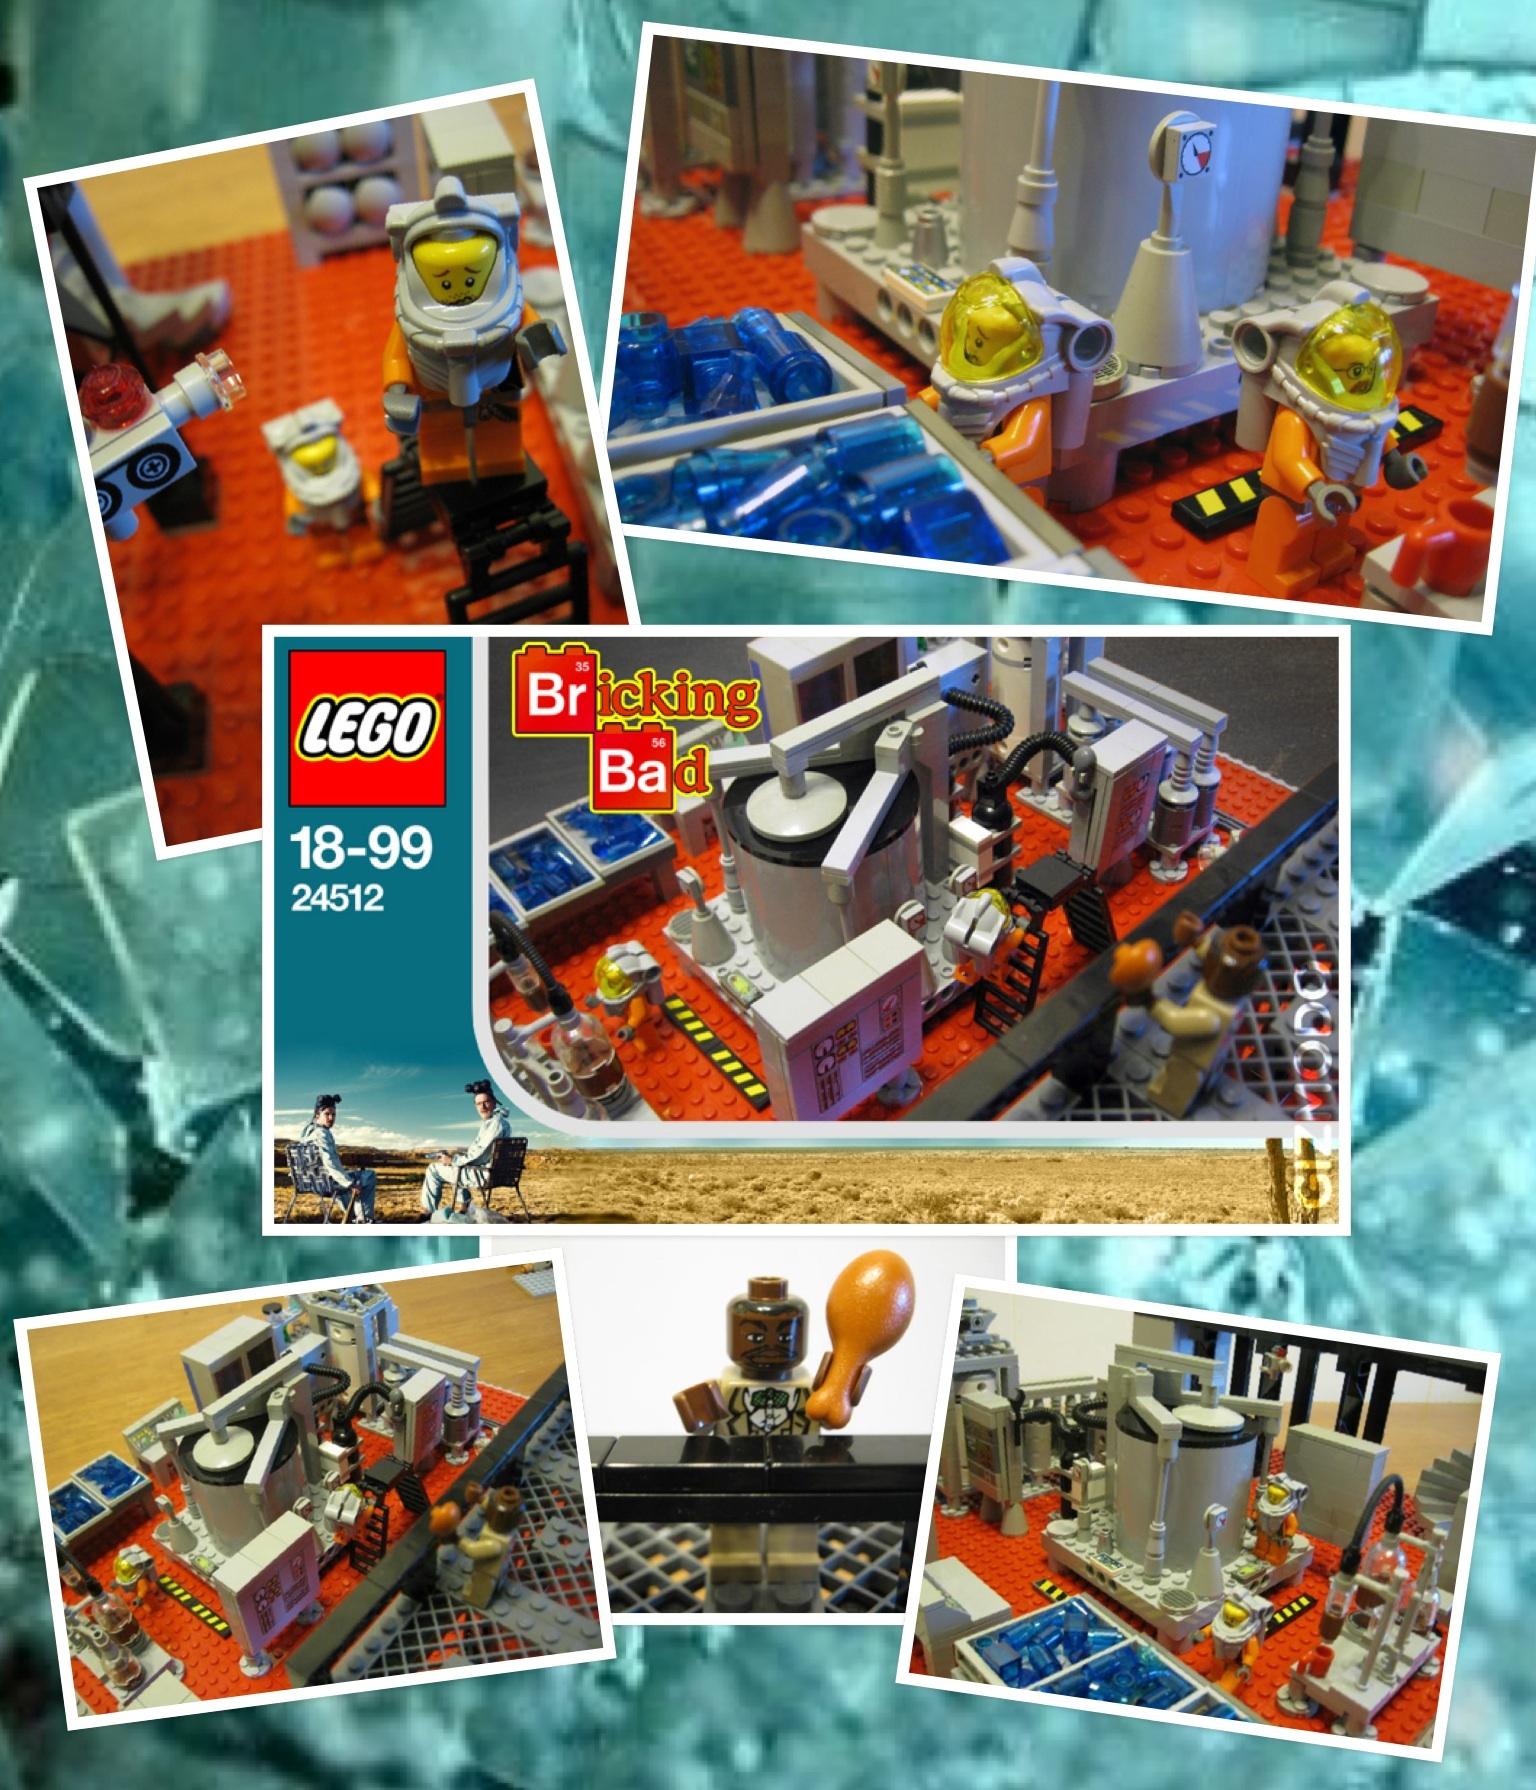 LEGO BREAKING BAD - METH LAB SUPER LAB